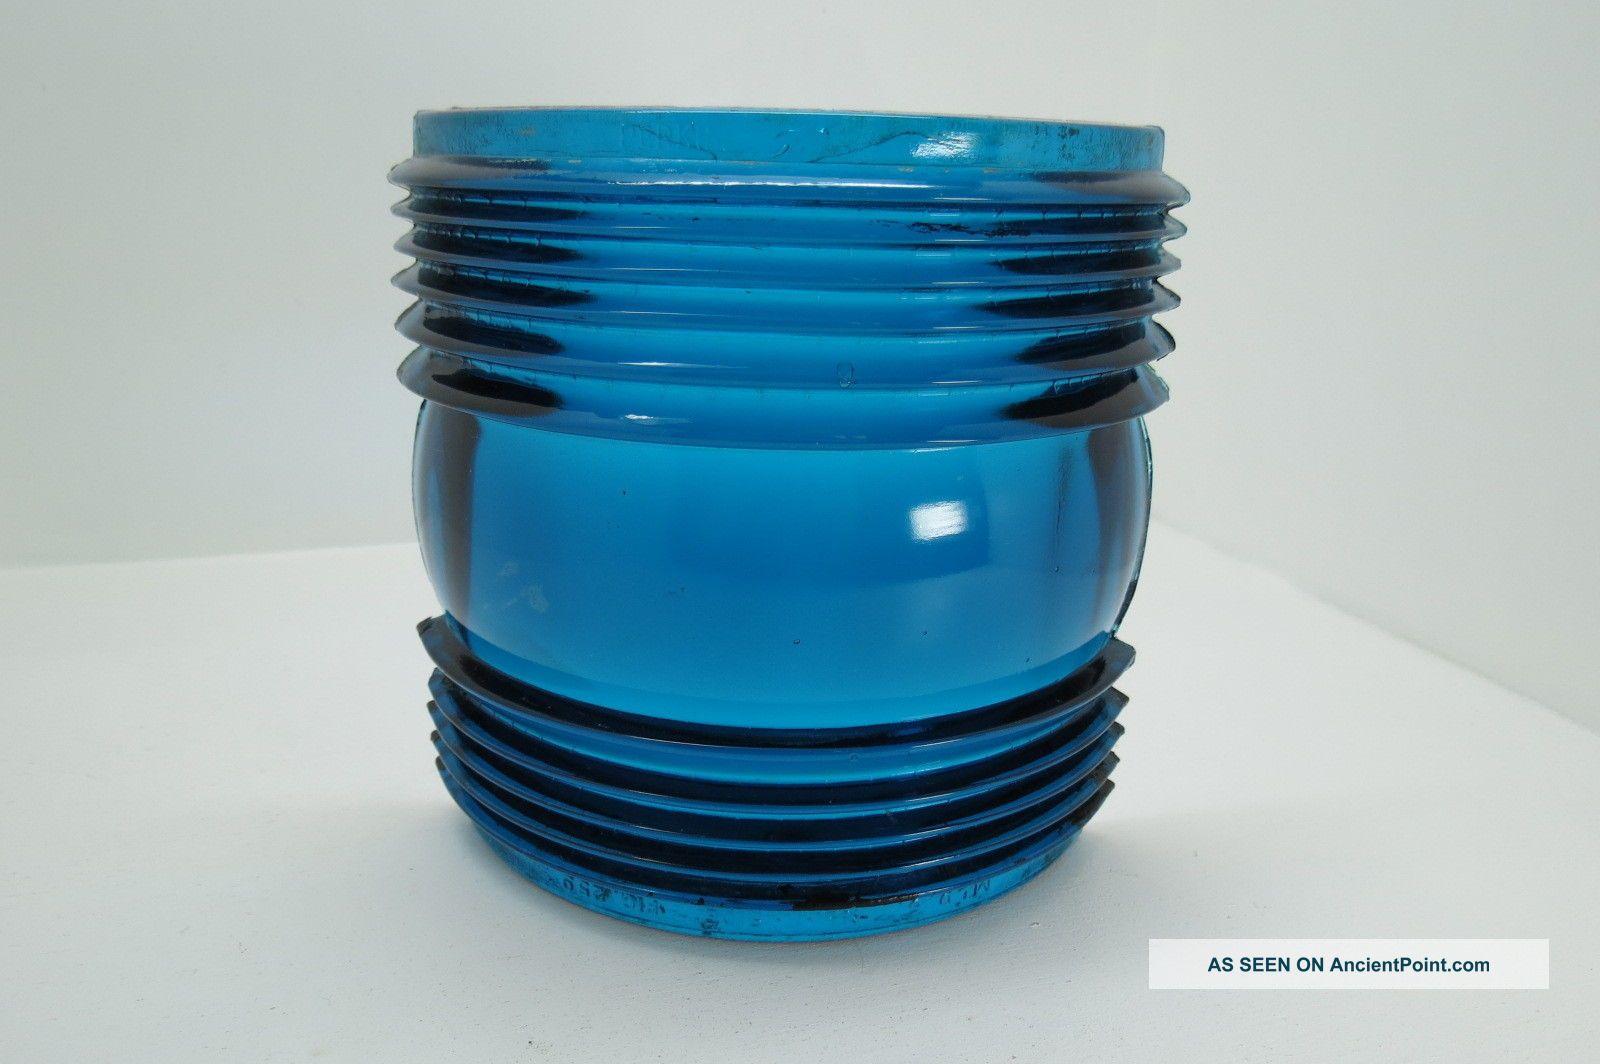 Blue Perkins Glass Lens For Boat Ship Lamp Light Decor (315) Lamps & Lighting photo